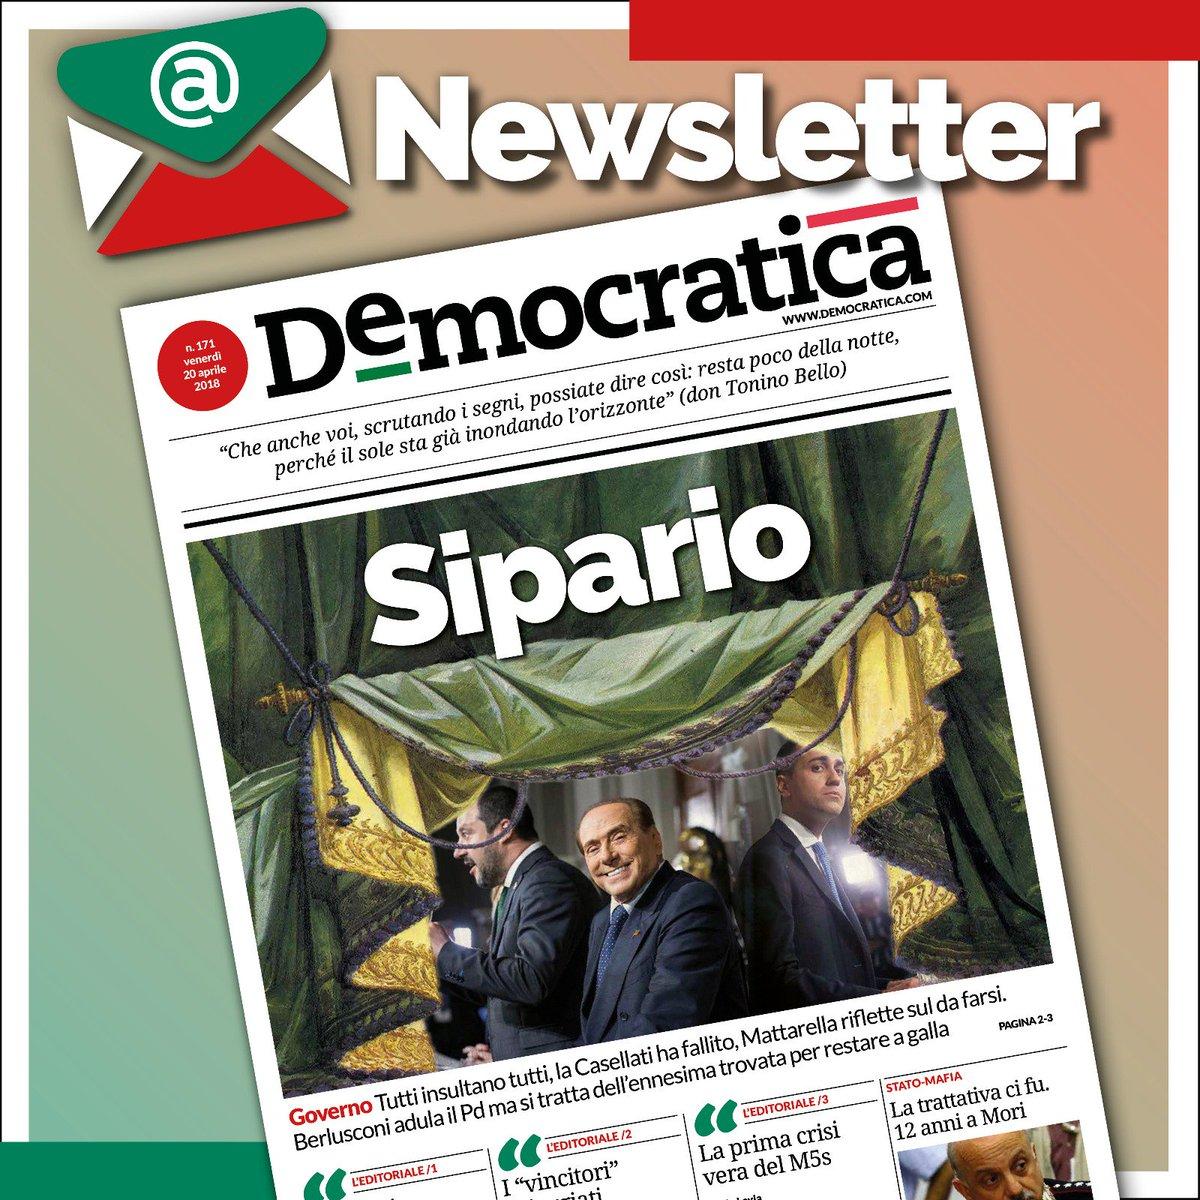 #Democratica